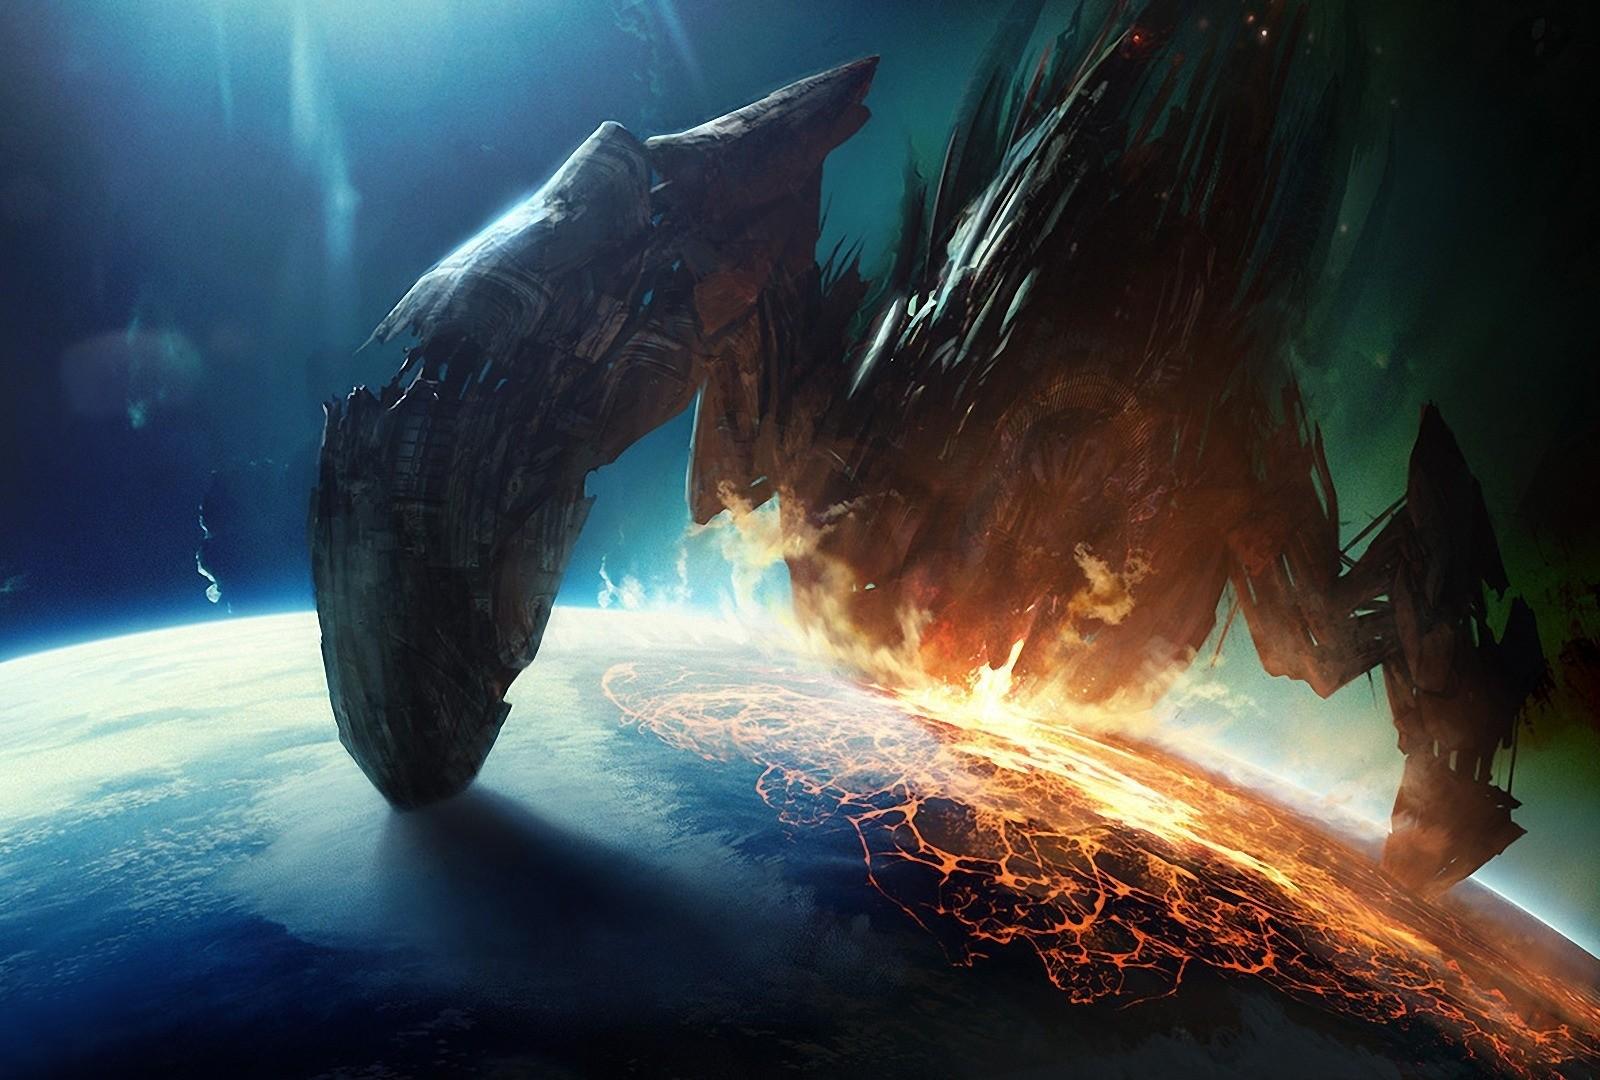 Ученые предупреждают: инопланетное вторжение вскором времени начнется